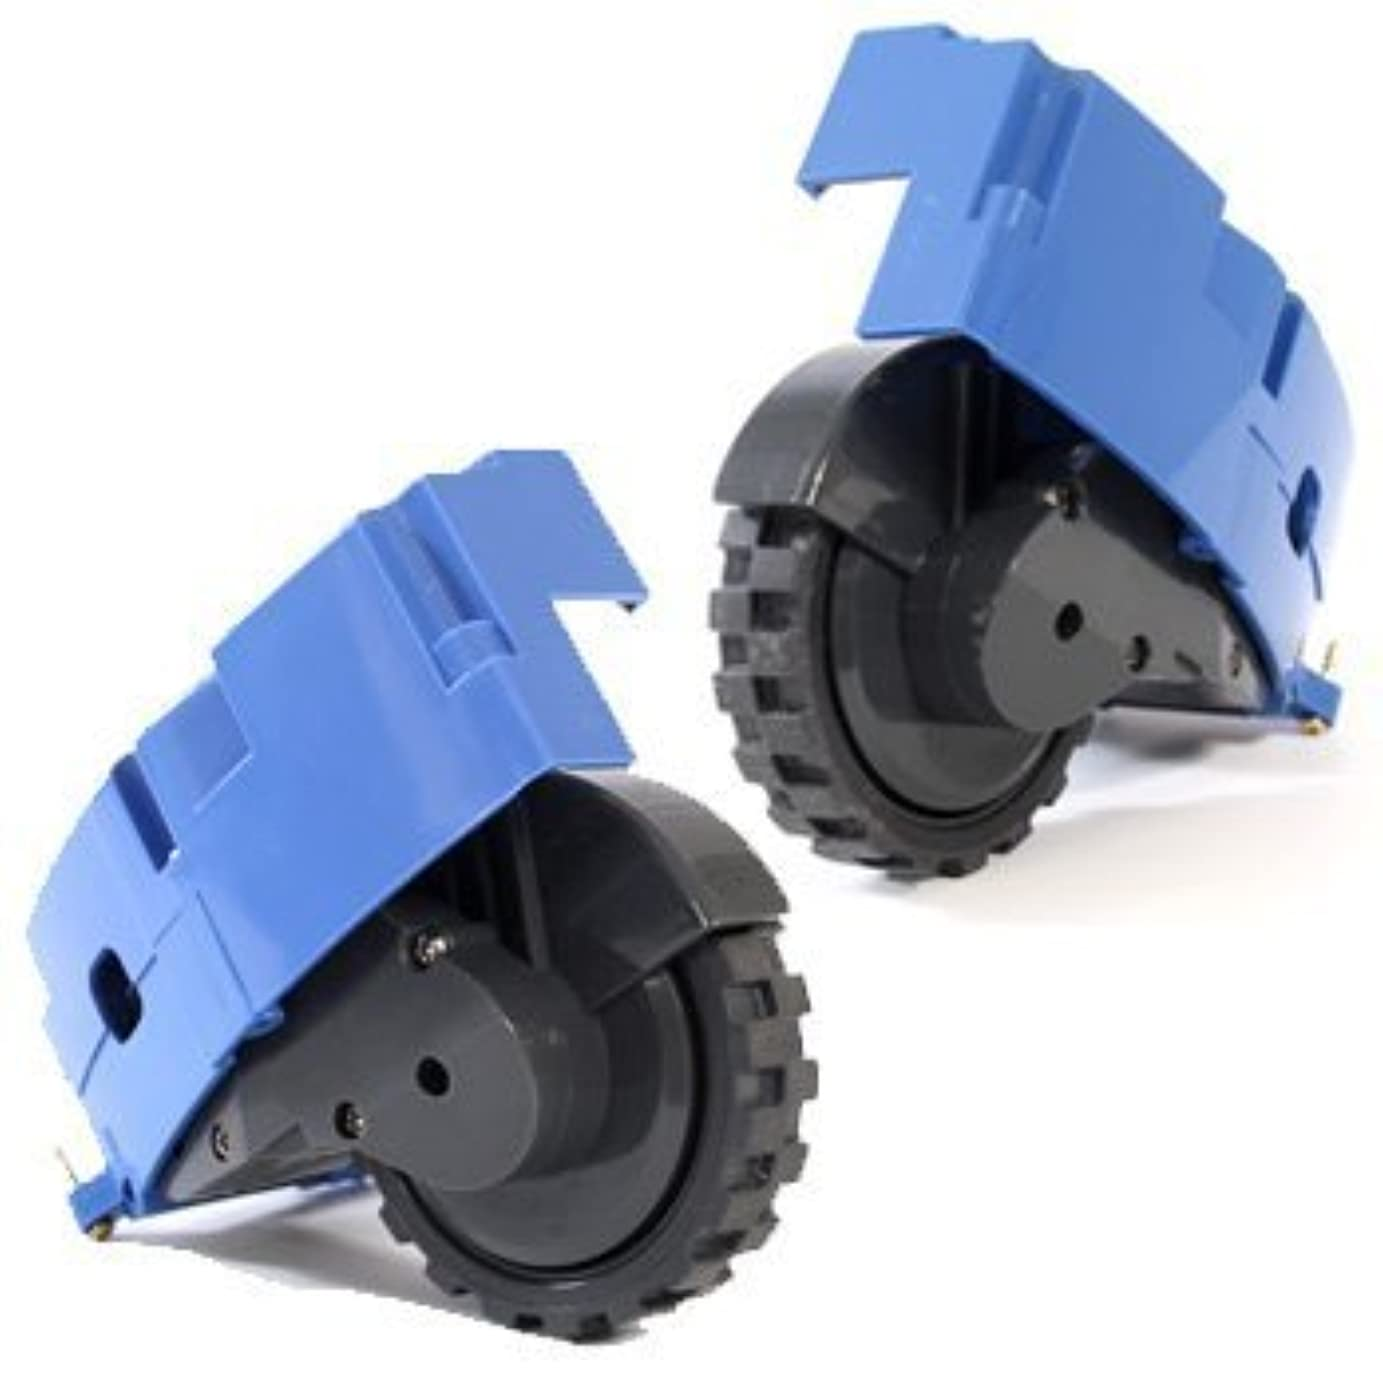 関税メンターメニュールンバ(Roomba)iRobot(アイロボット)専用 『ルンバタイヤ 左右セット』